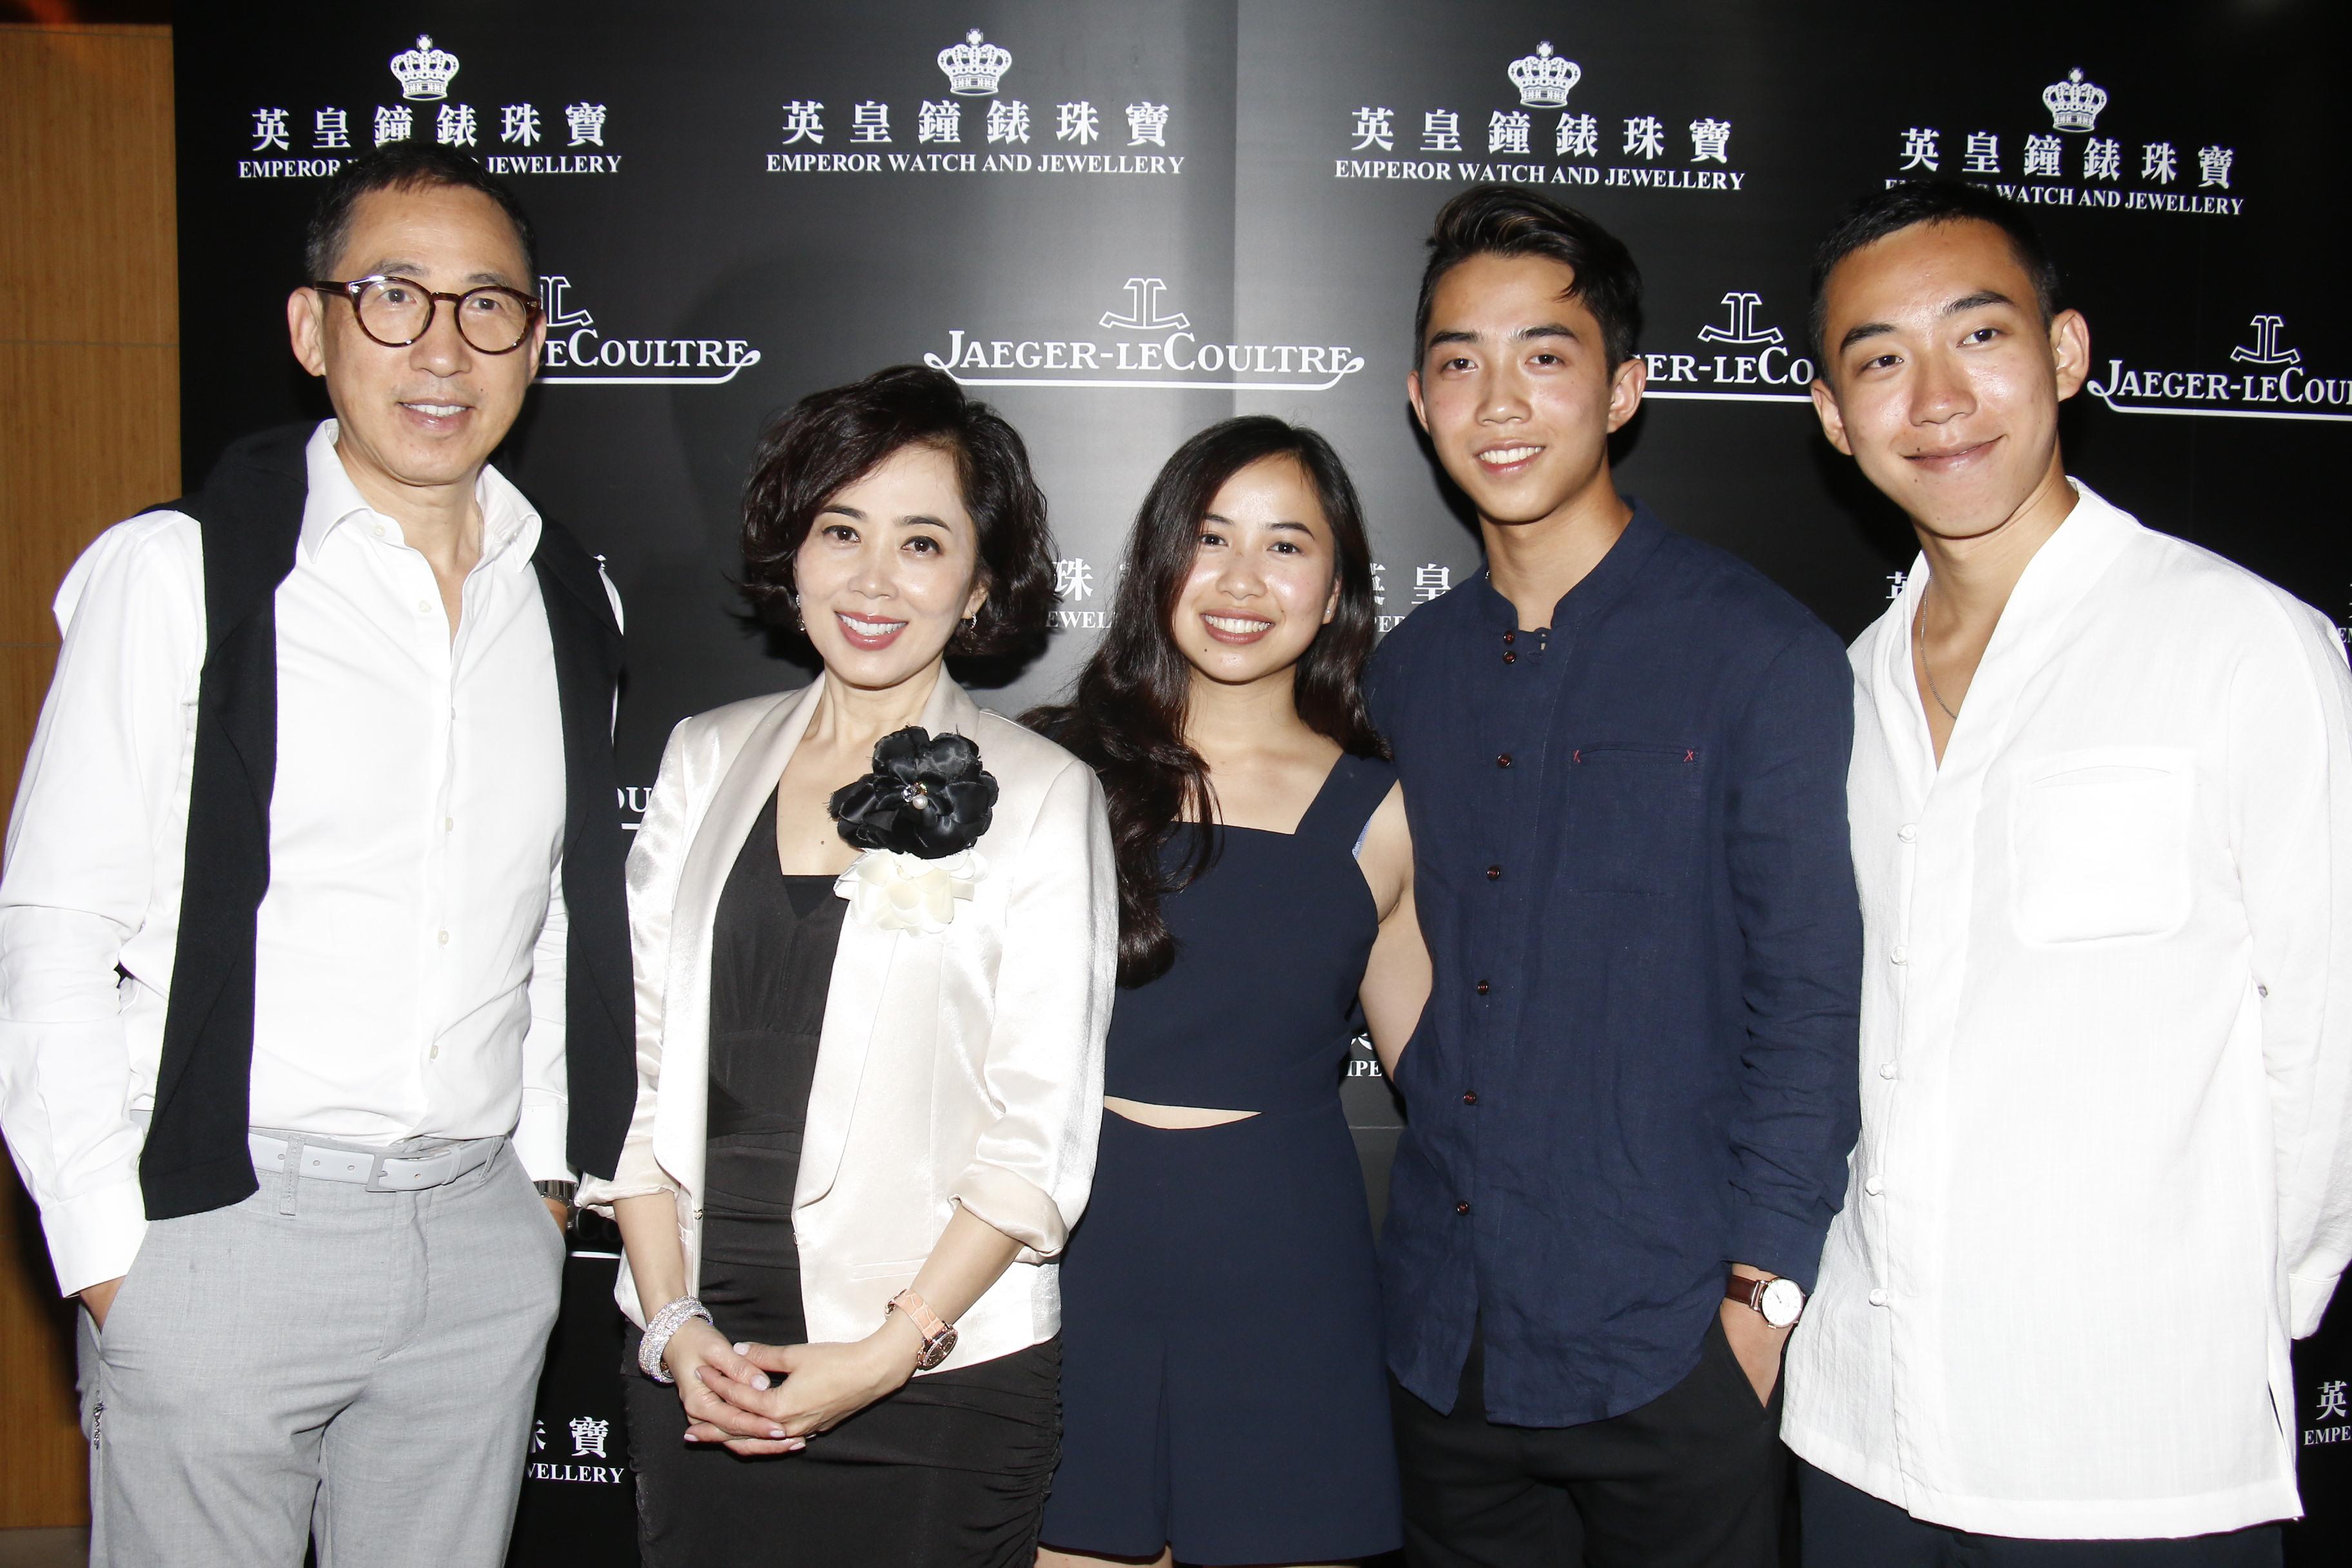 張堅庭曾偕太太楊諾思及3名子女一齊出席活動。